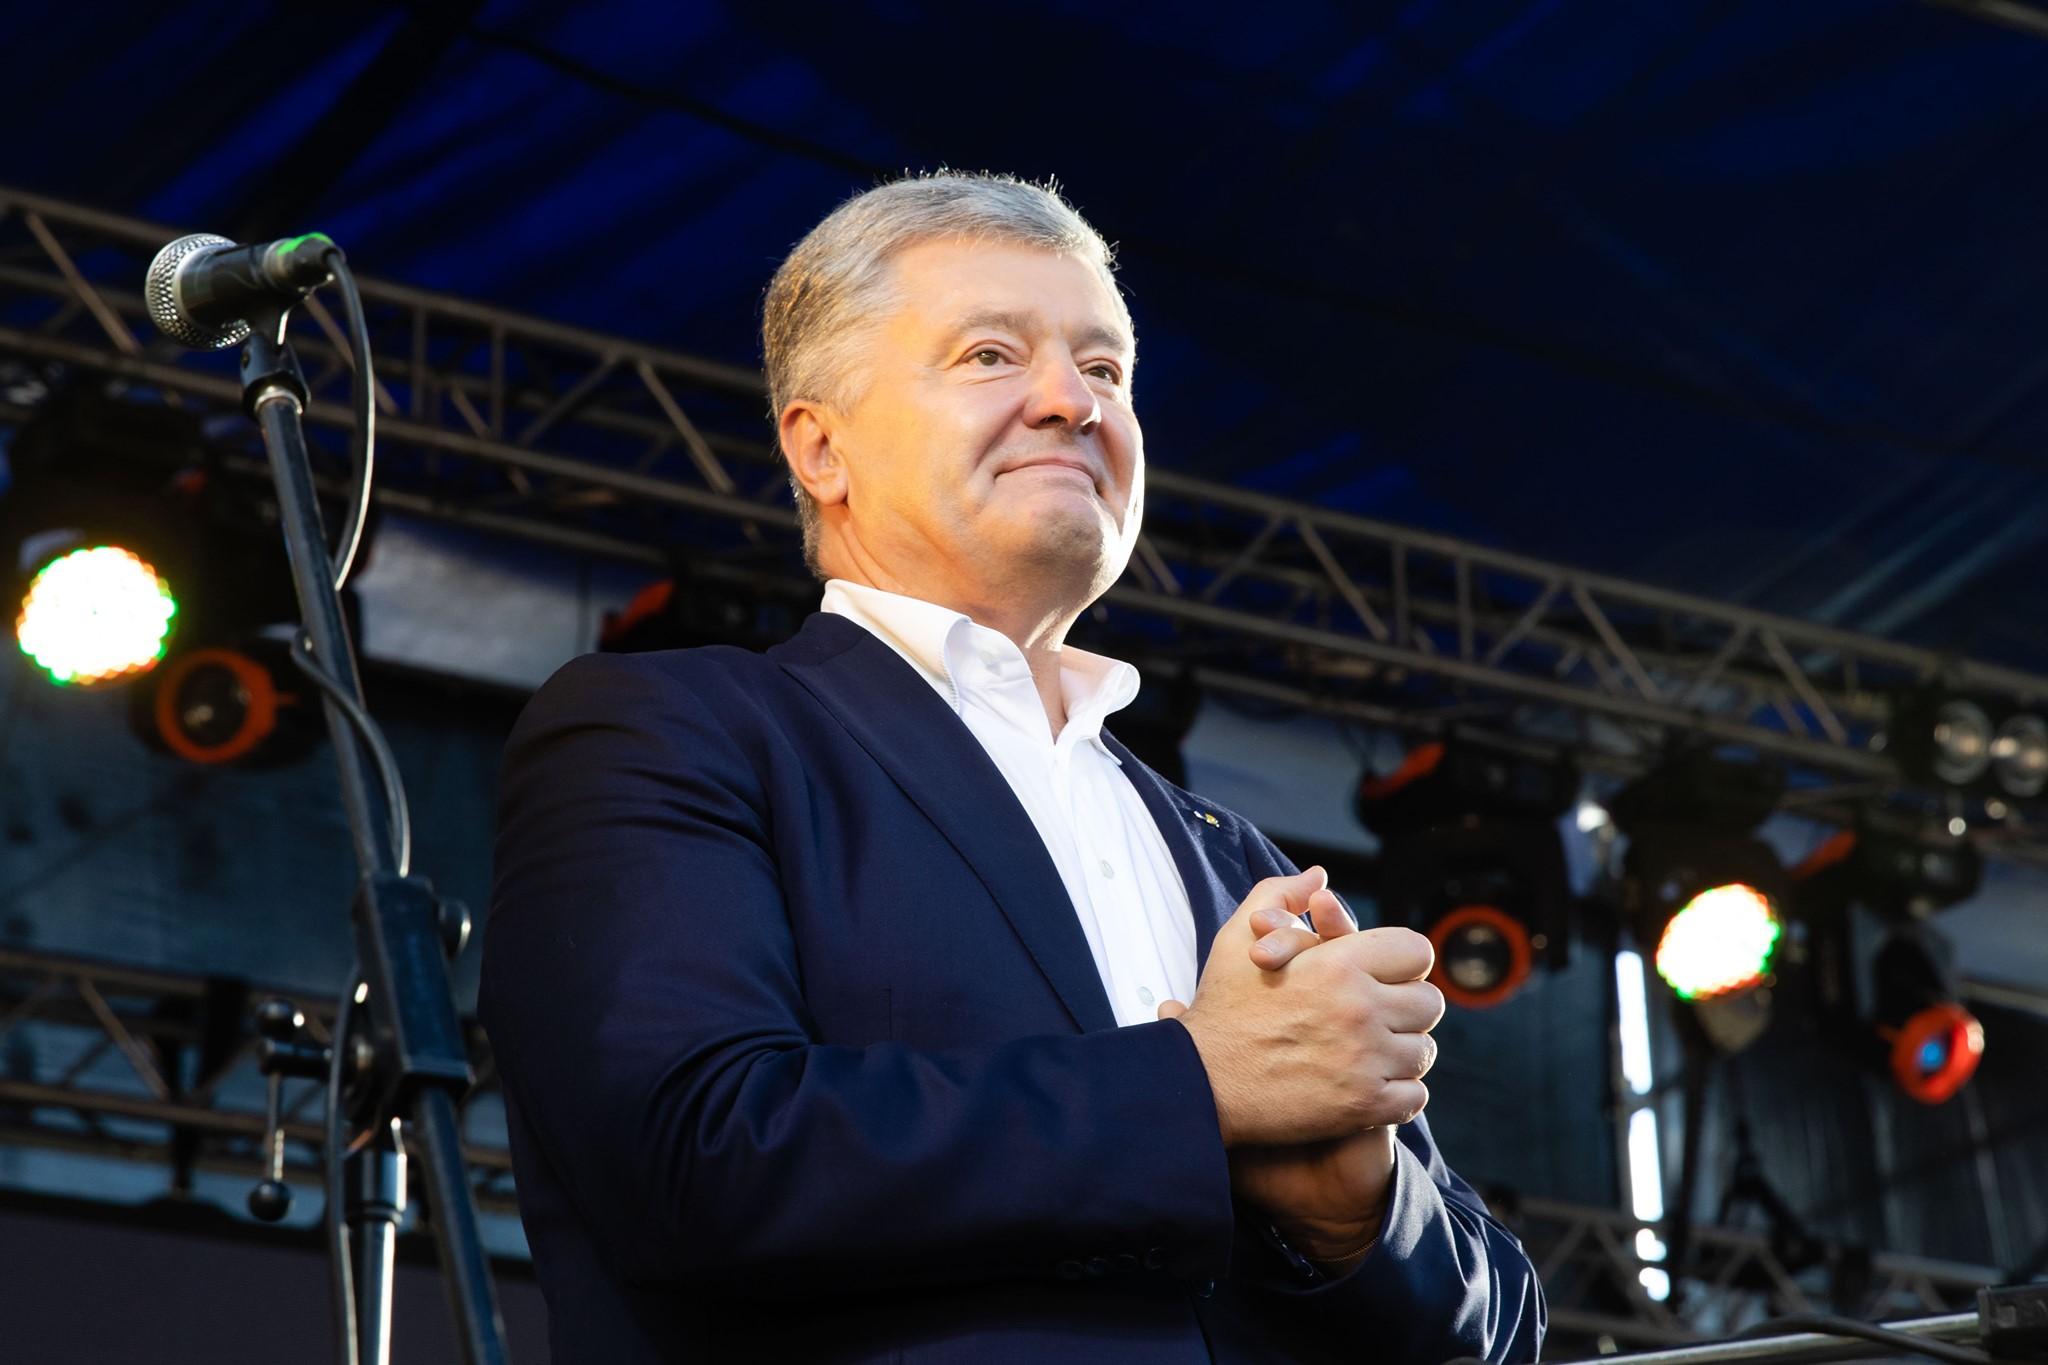 Зеленский снова врёт: Порошенко счёл чёрным пиаром обвинения в сговоре с Медведчуком